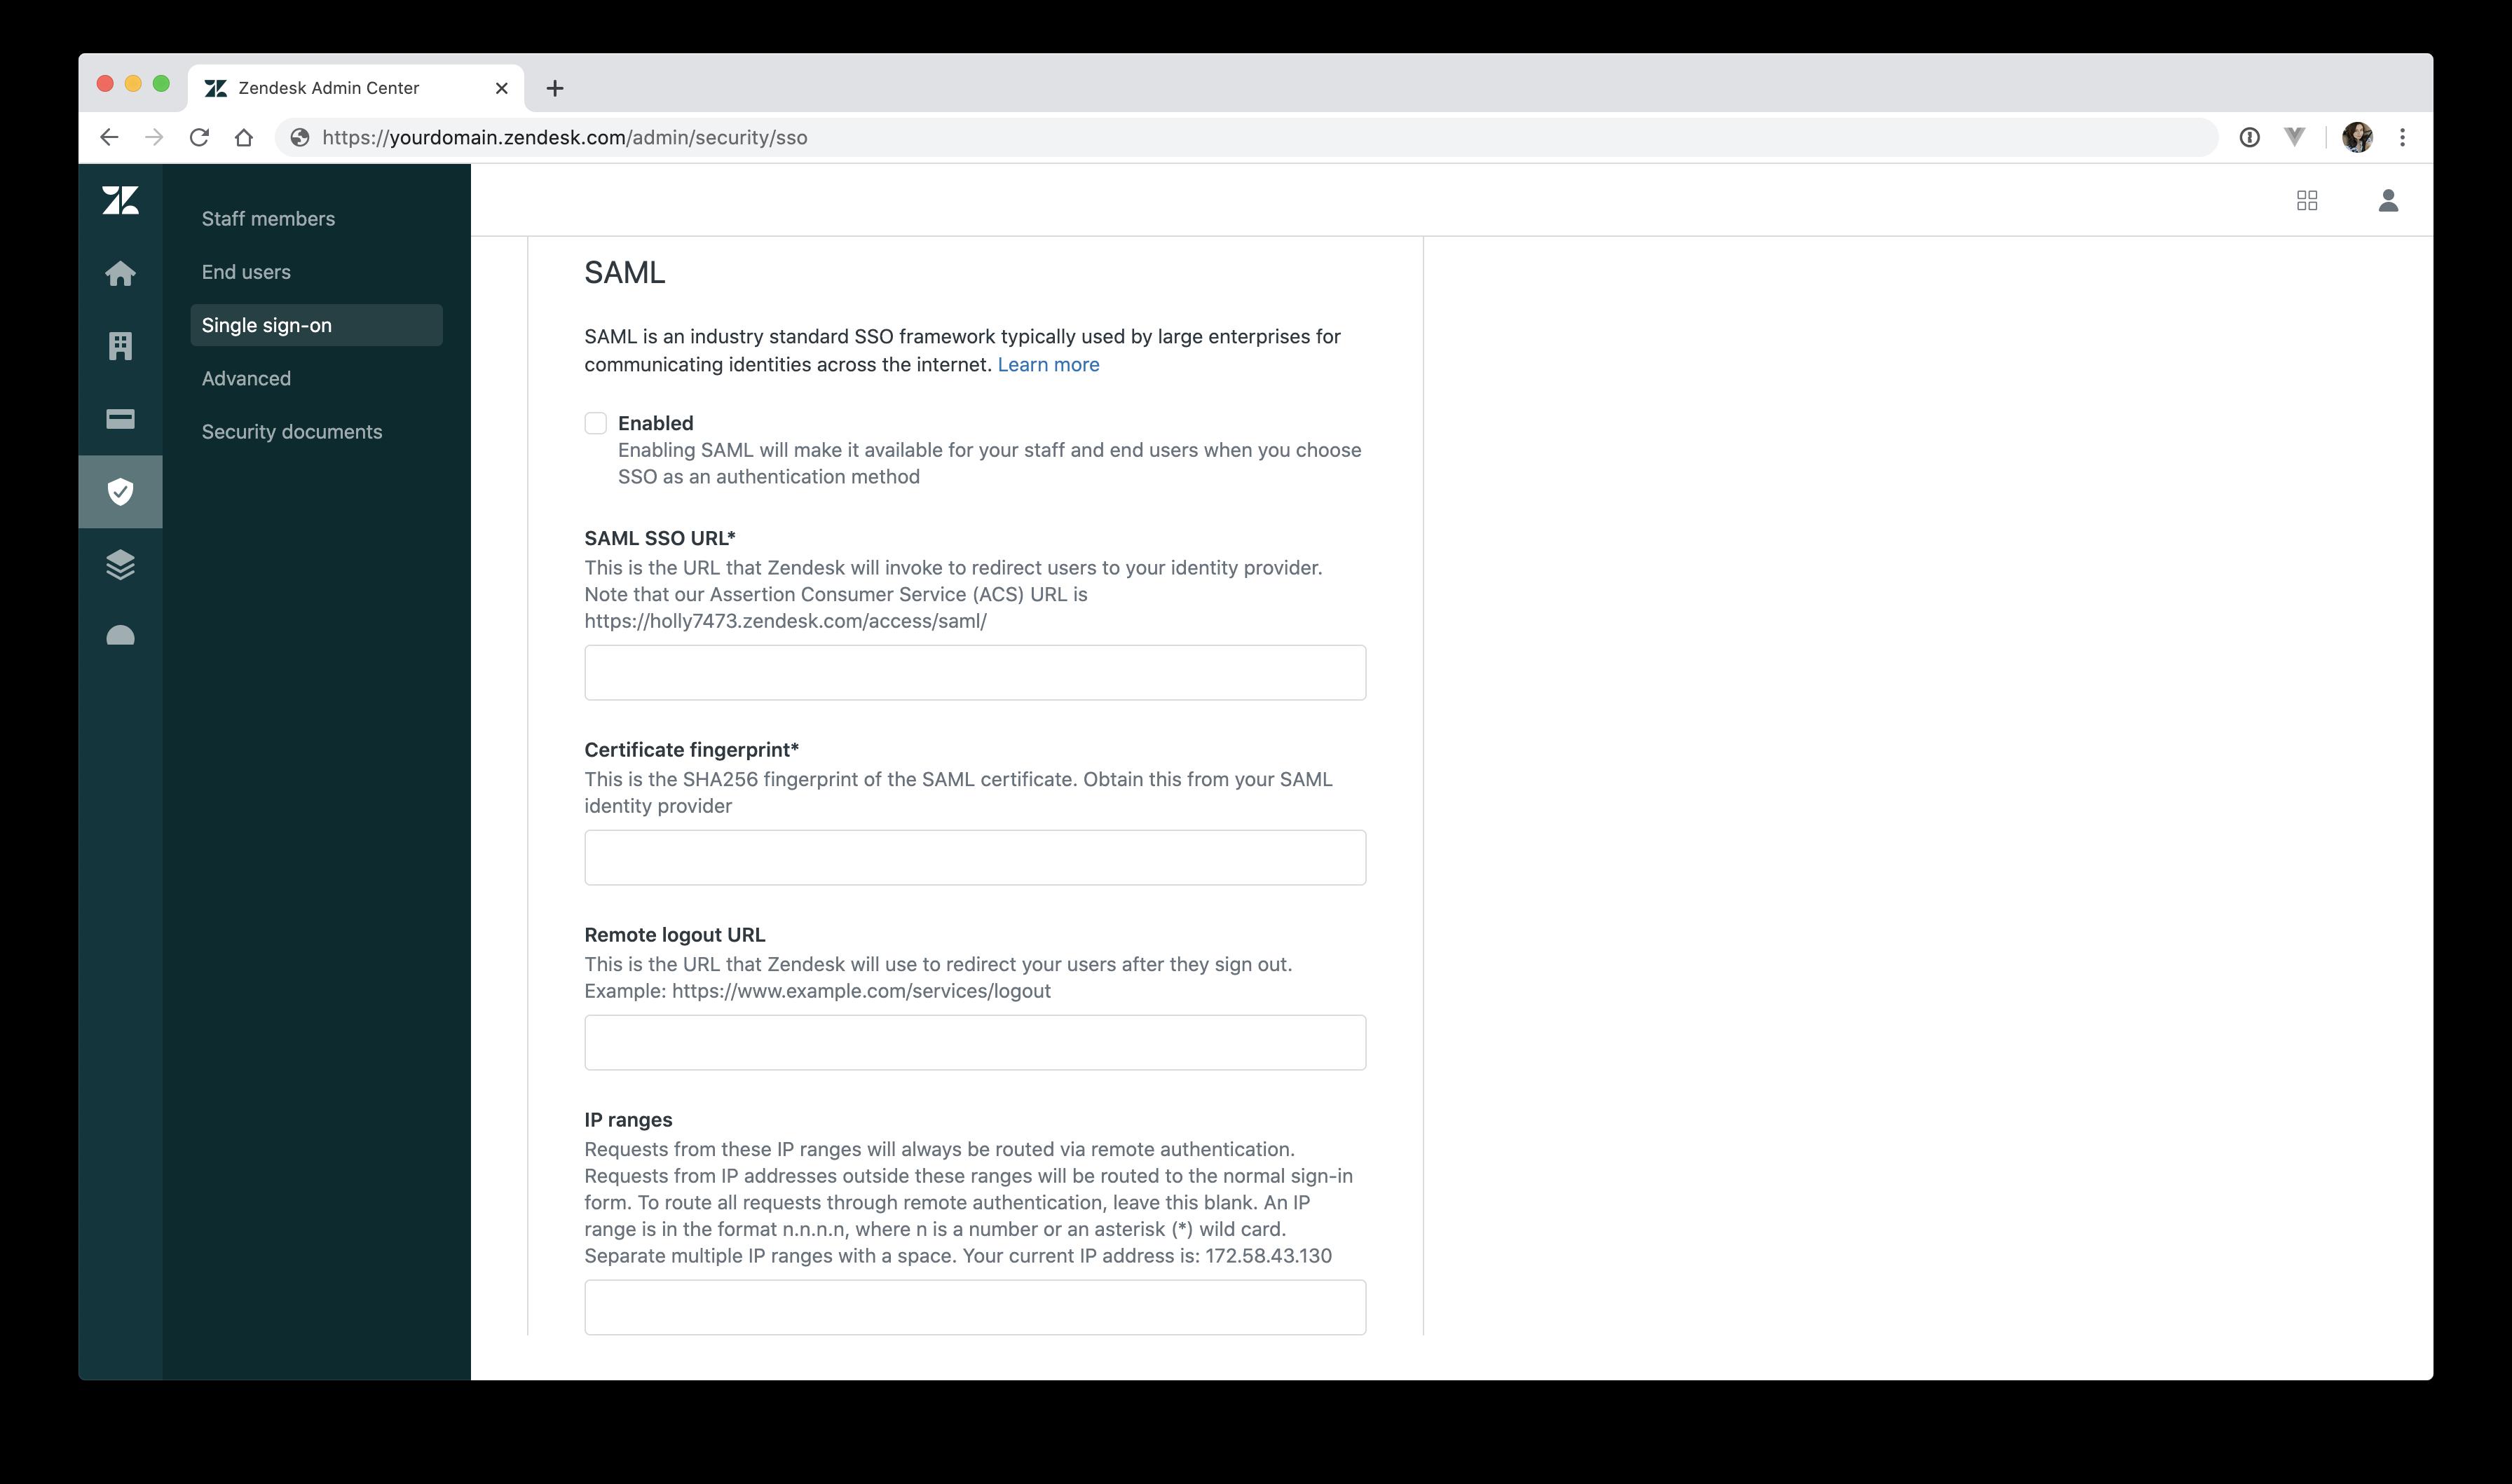 Zendesk SAML setup